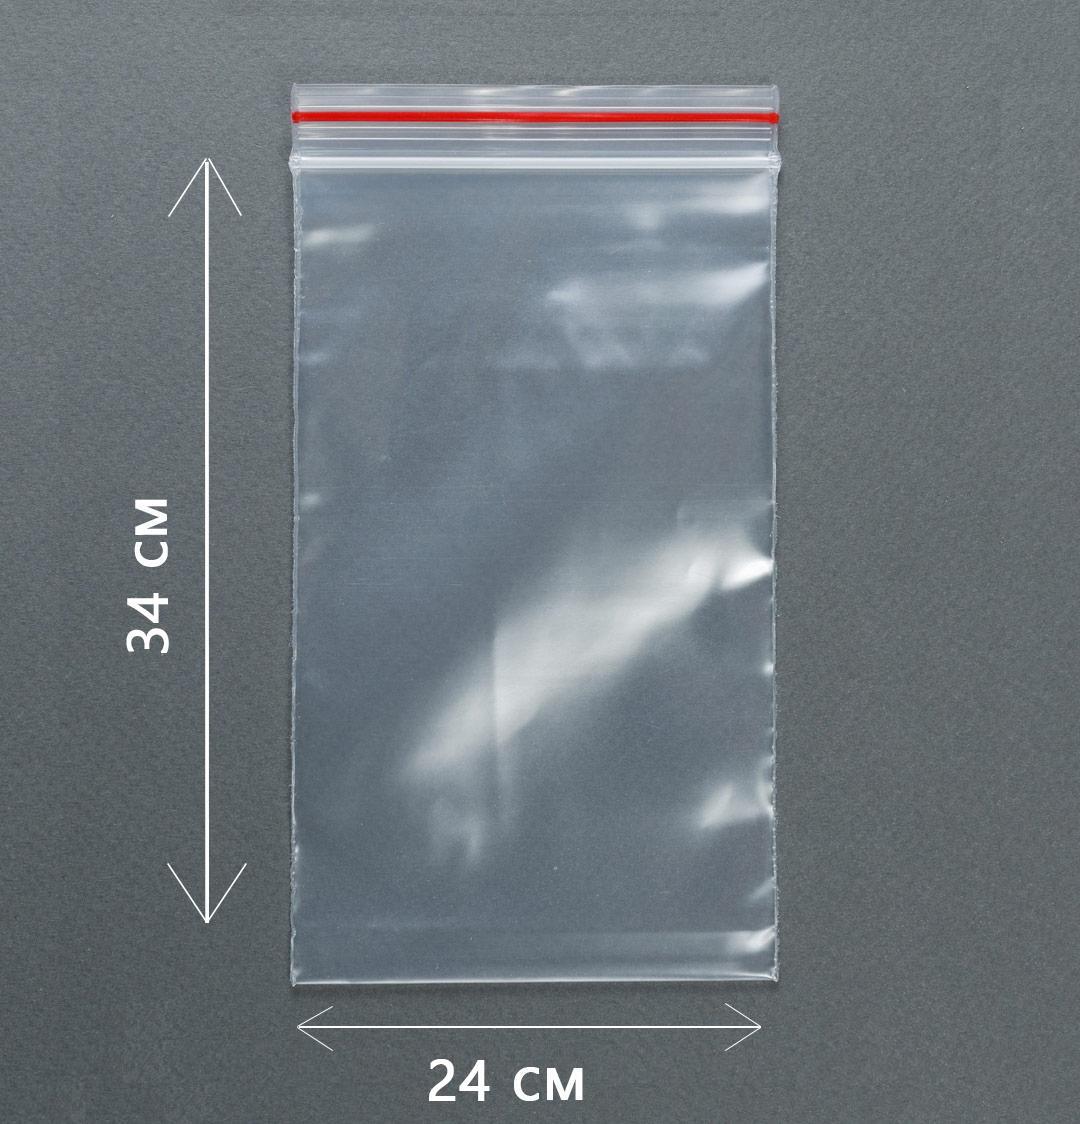 24x34 cm